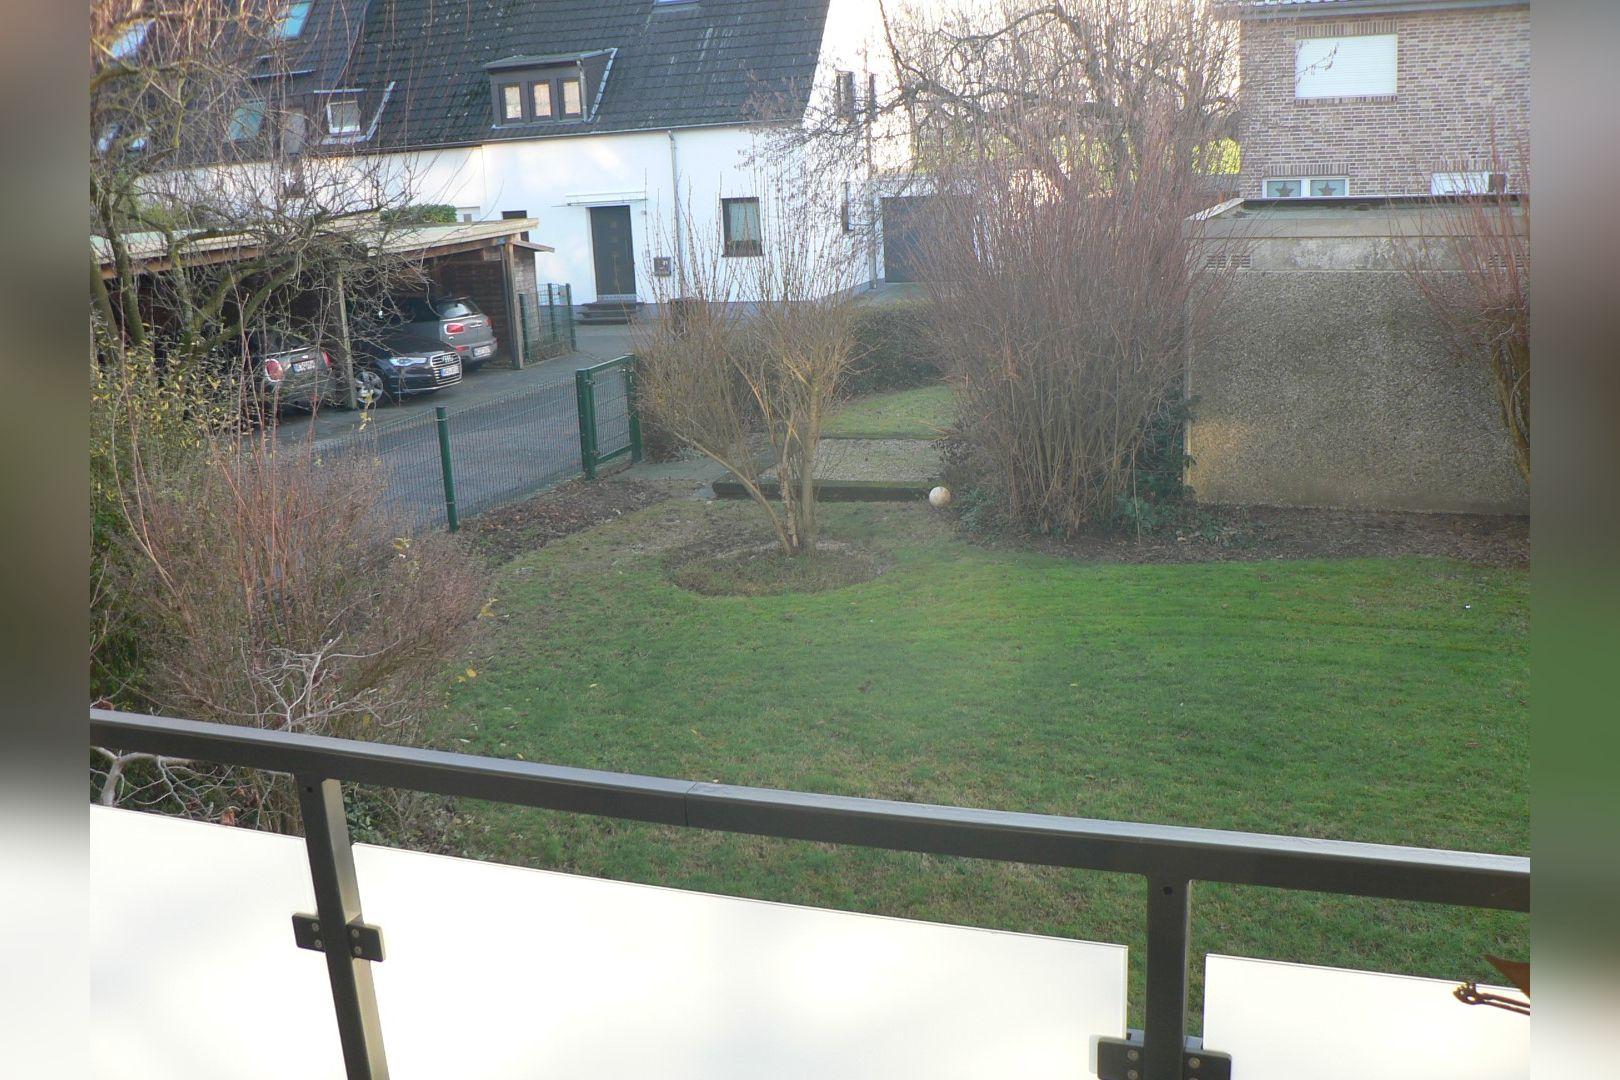 Immobilie Nr.0247 - Maisonette-Whg. über EG u. Sout. mit Loggia u. Garage  - Bild 18.jpg